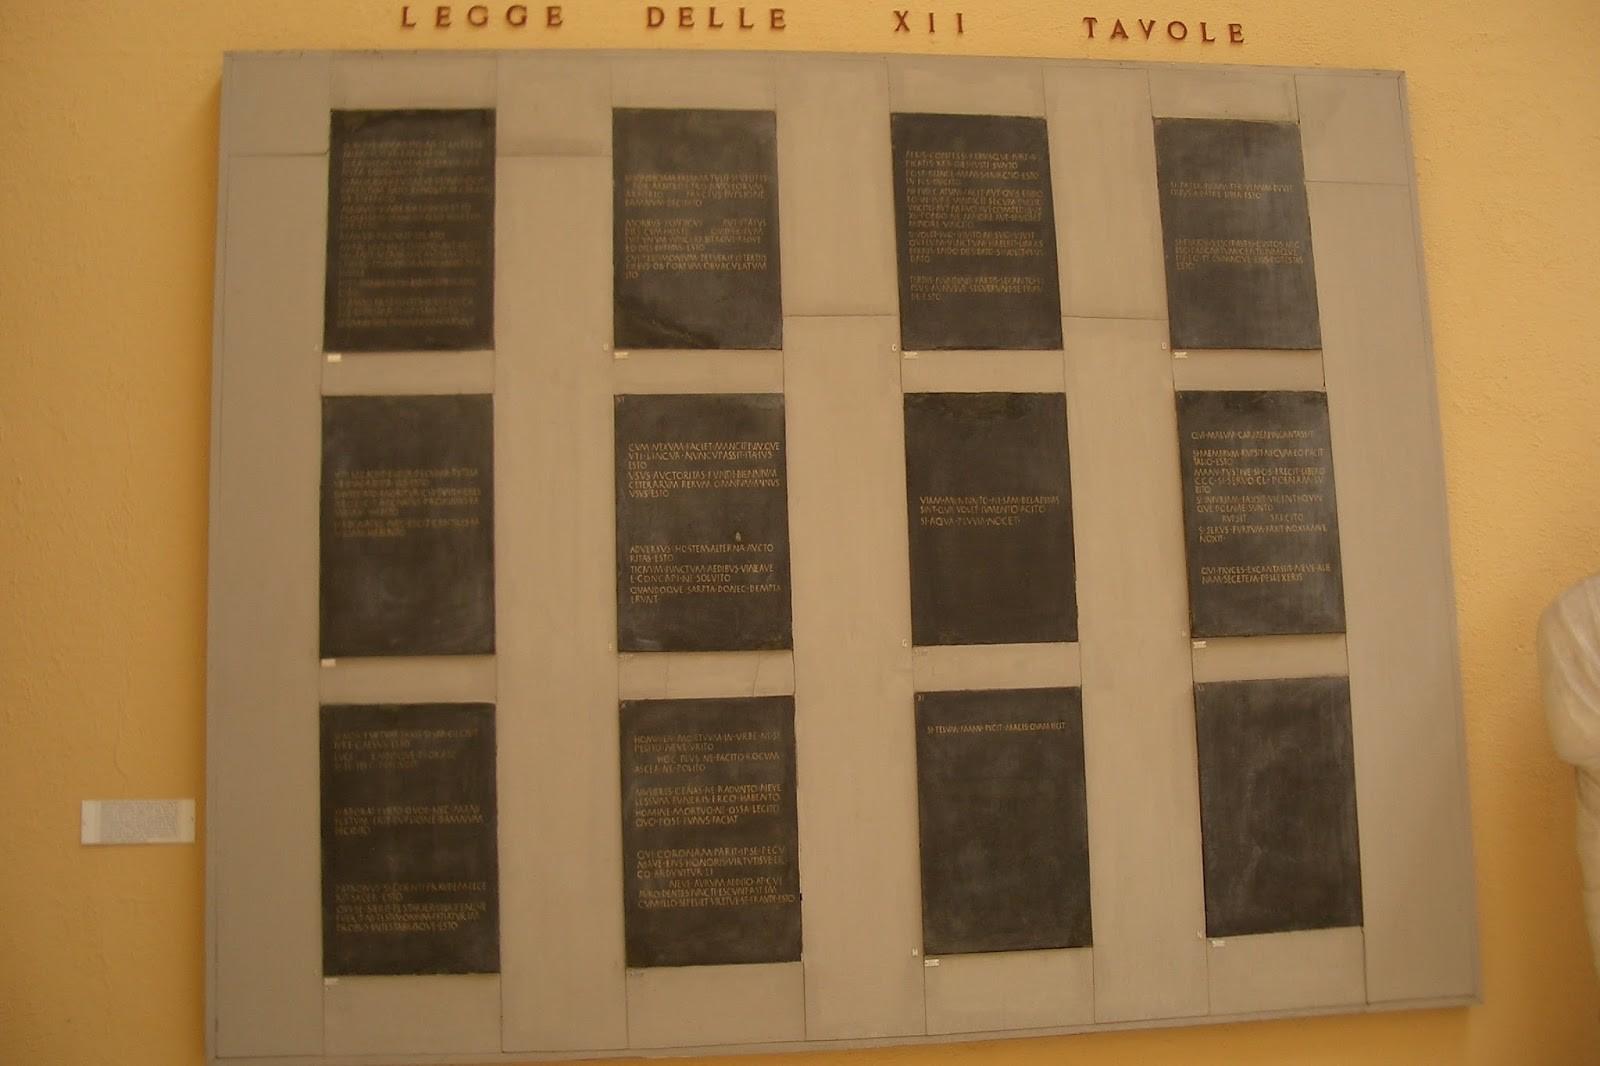 Leggi delle xii tavole benvenuti su admaioravertite - Le 12 tavole romane ...